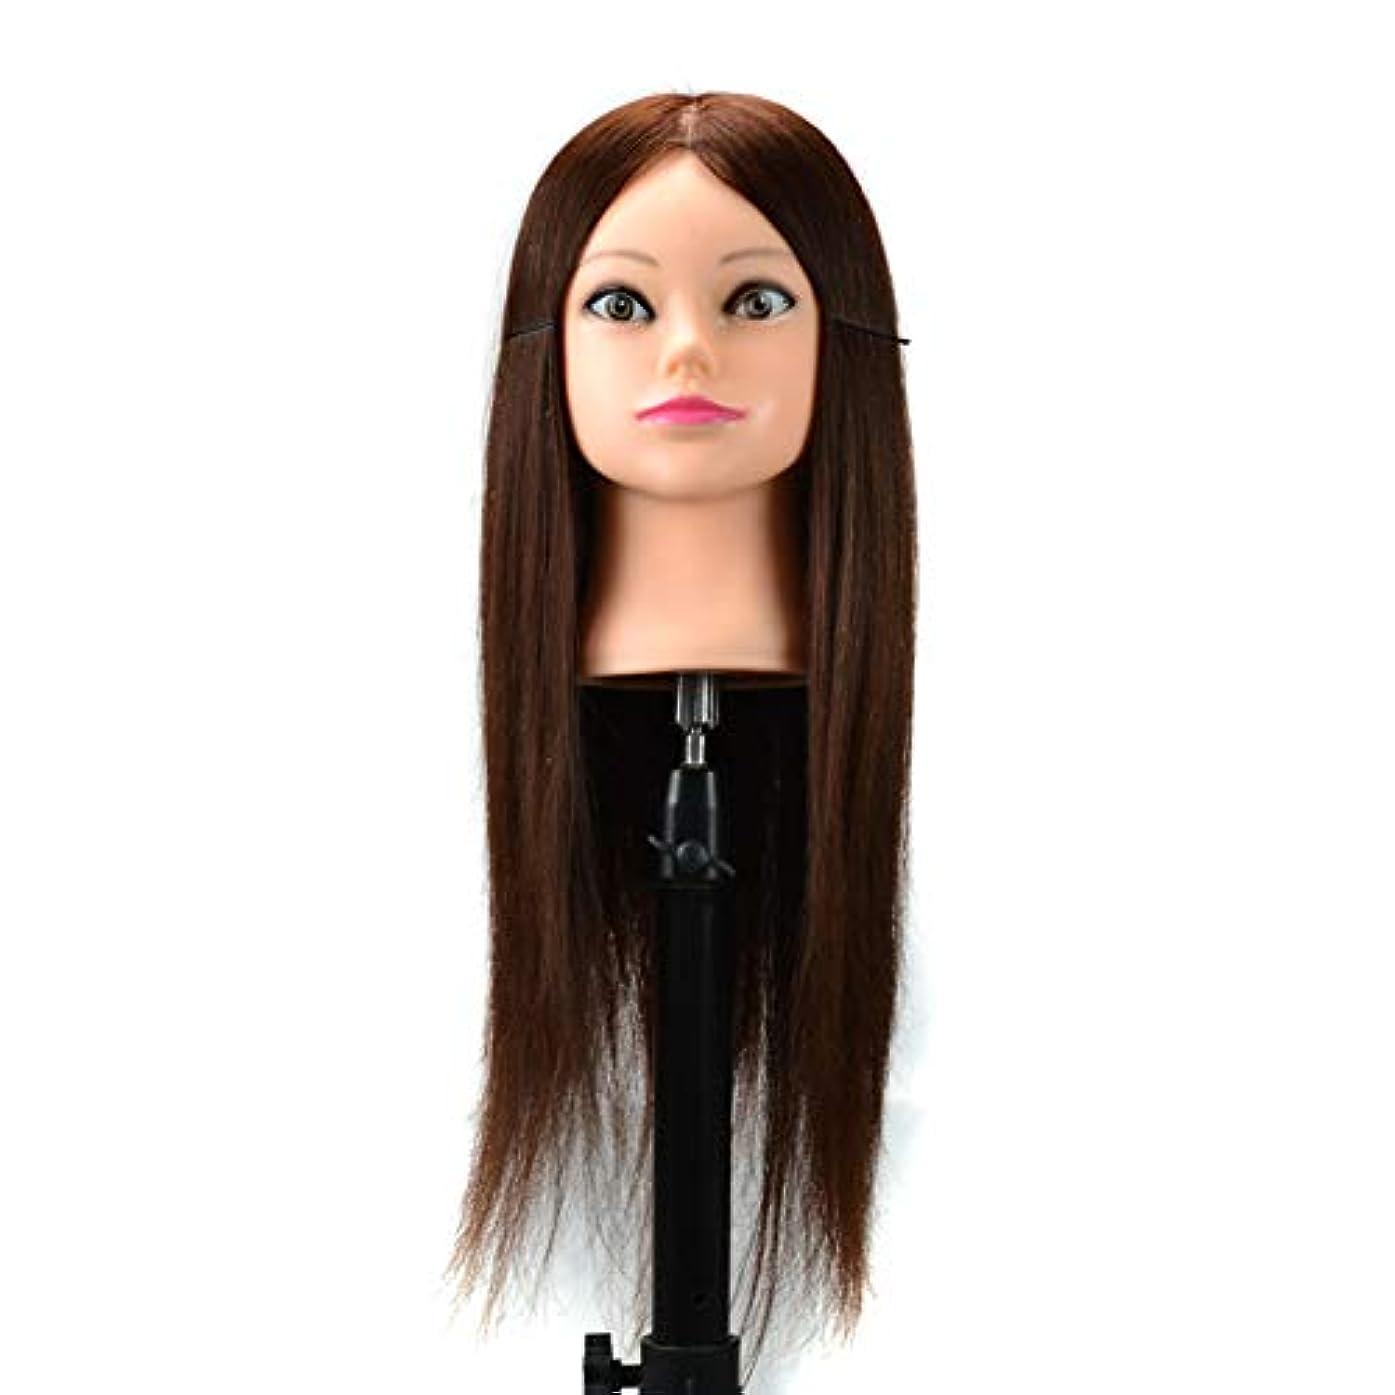 舗装する役職垂直人間の髪の毛のトレーニングヘッドにすることができますヘアカール練習ヘッド型スタイリング編組ダミーヘッドディスクヘアメイクウィッグマネキンヘッド